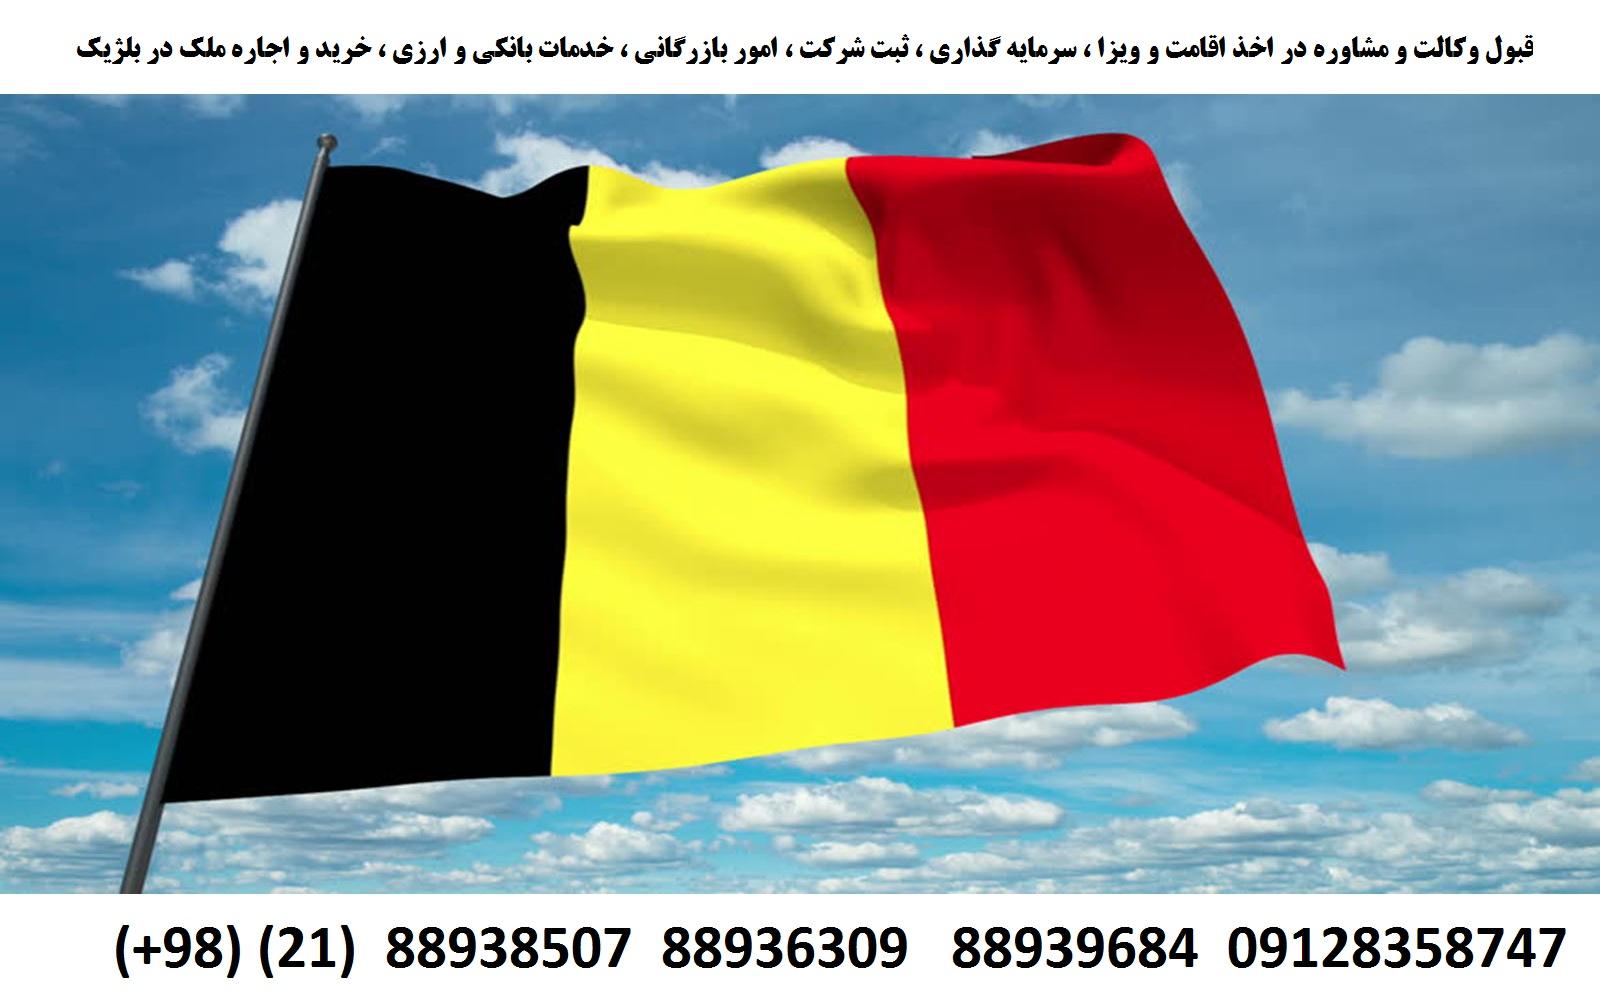 اقامت ، ویزا ، ثبت شرکت ، سرمایه گذاری در بلژیک (1)